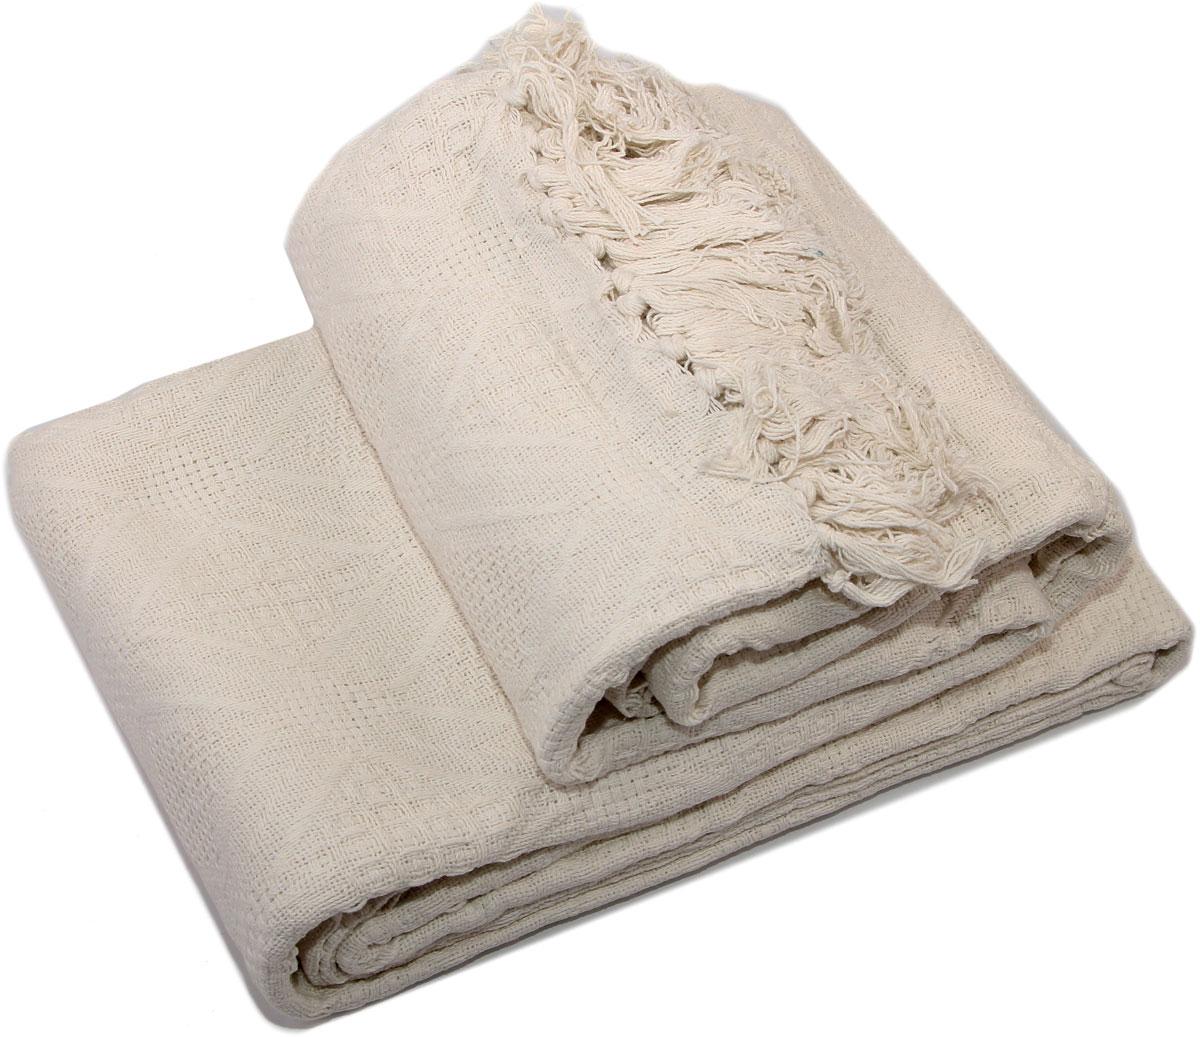 Покрывало Arloni, самотканое, 225 x 270 см. ТкП-124/5ARLТкП-124/5ARLПокрывало Arloni изготовлено из экологически чистого материала - 100% хлопка,поэтому подходит как для взрослых, так и для детей. Изделие прекрасно оформит интерьергостиной или спальни. Оно будет хорошо смотреться и на диване, и на большой кровати.Покрывало Arloni не только подарит тепло, но и гармонично впишется винтерьер вашего дома.